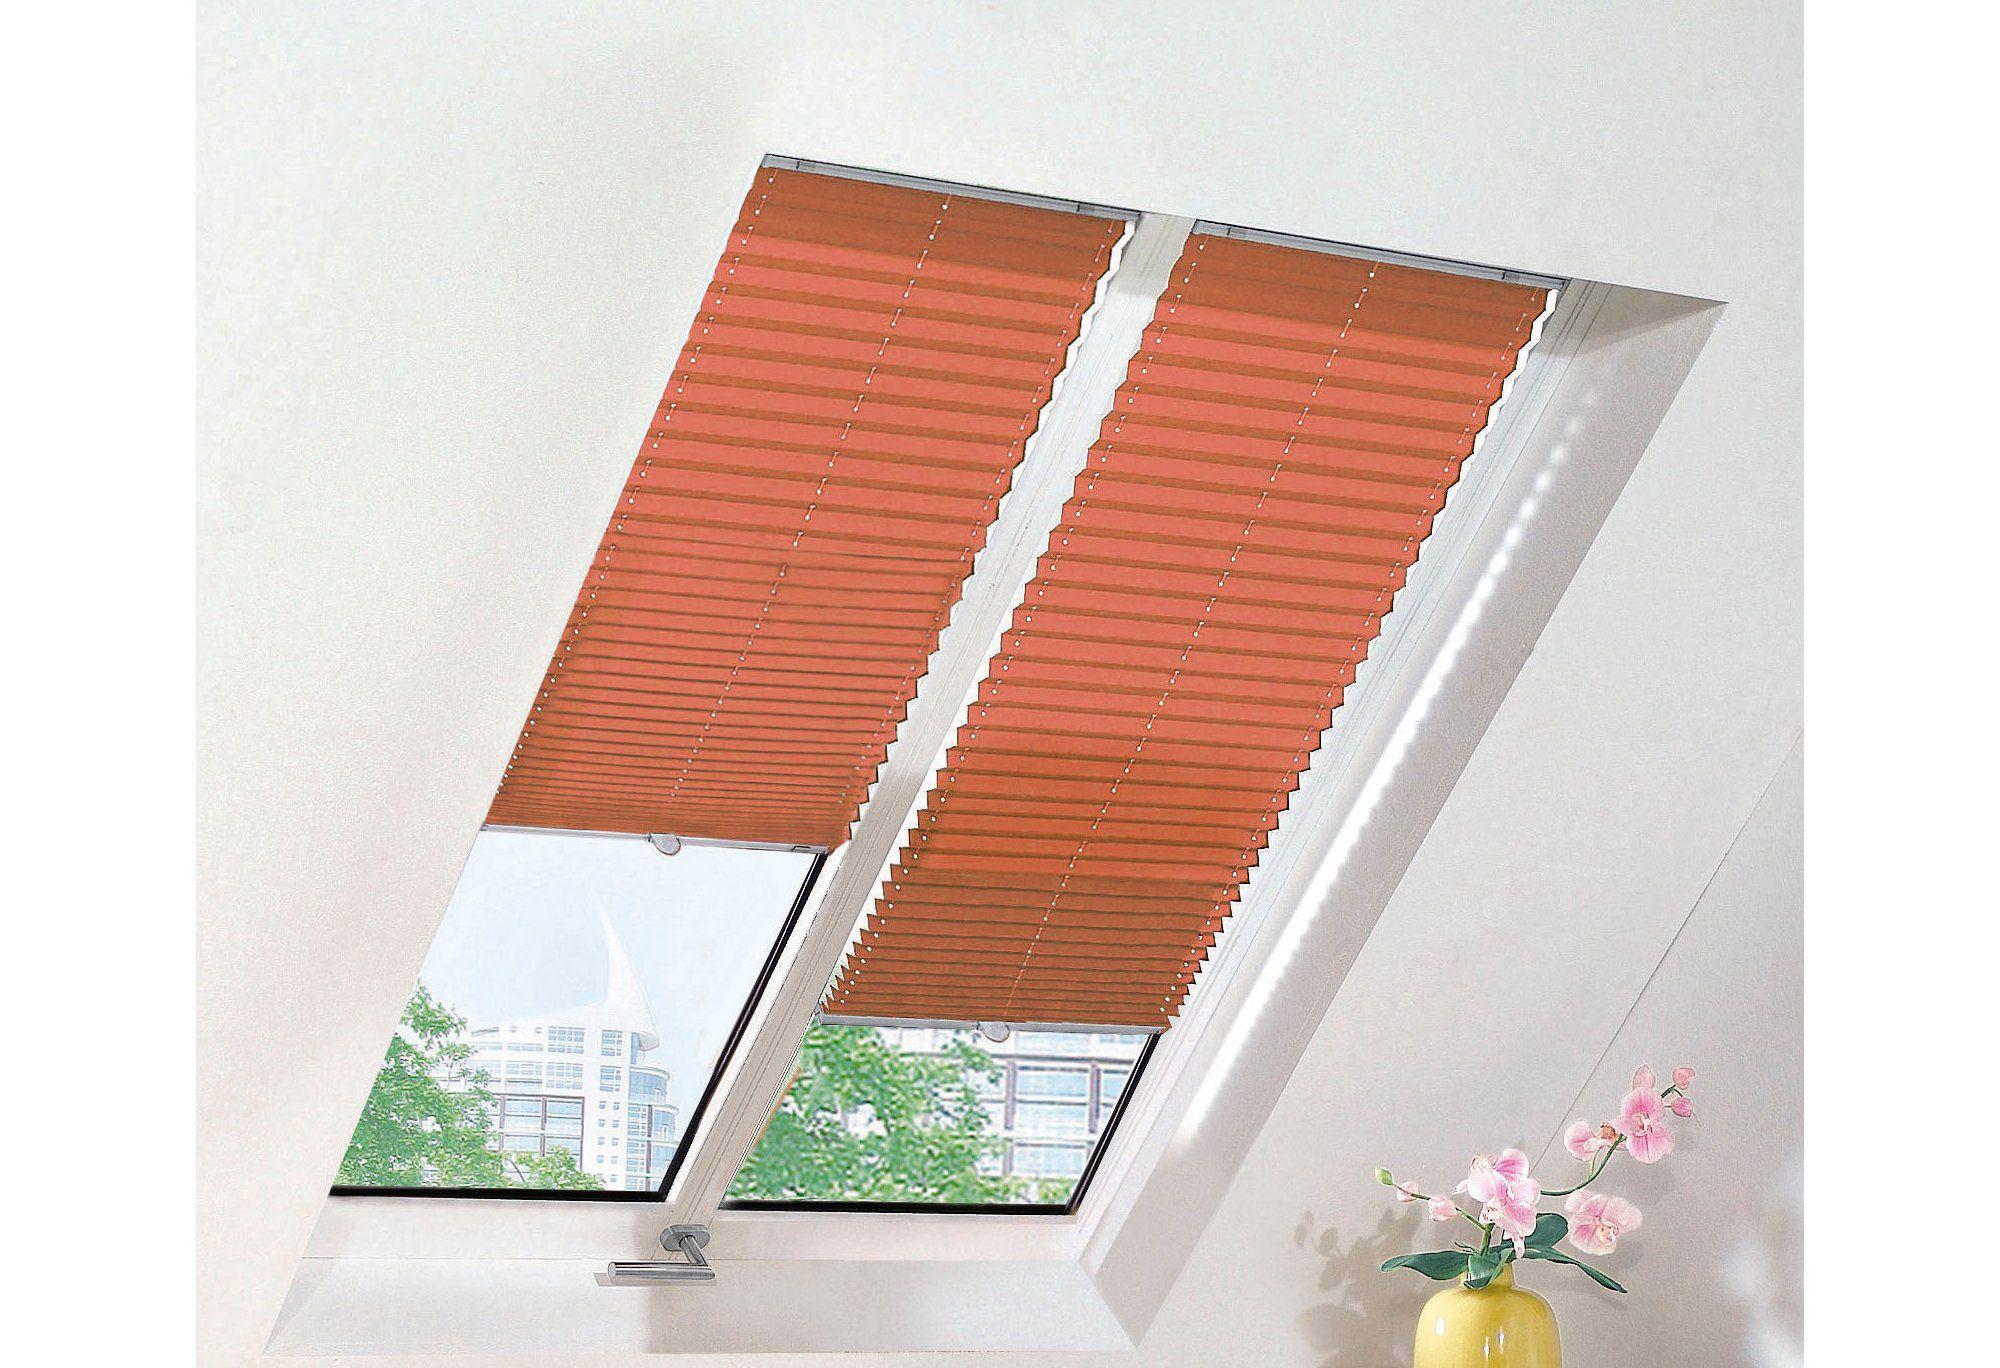 dachfenster plissee sunlines preise vergleichen und g nstig einkaufen bei der preis. Black Bedroom Furniture Sets. Home Design Ideas